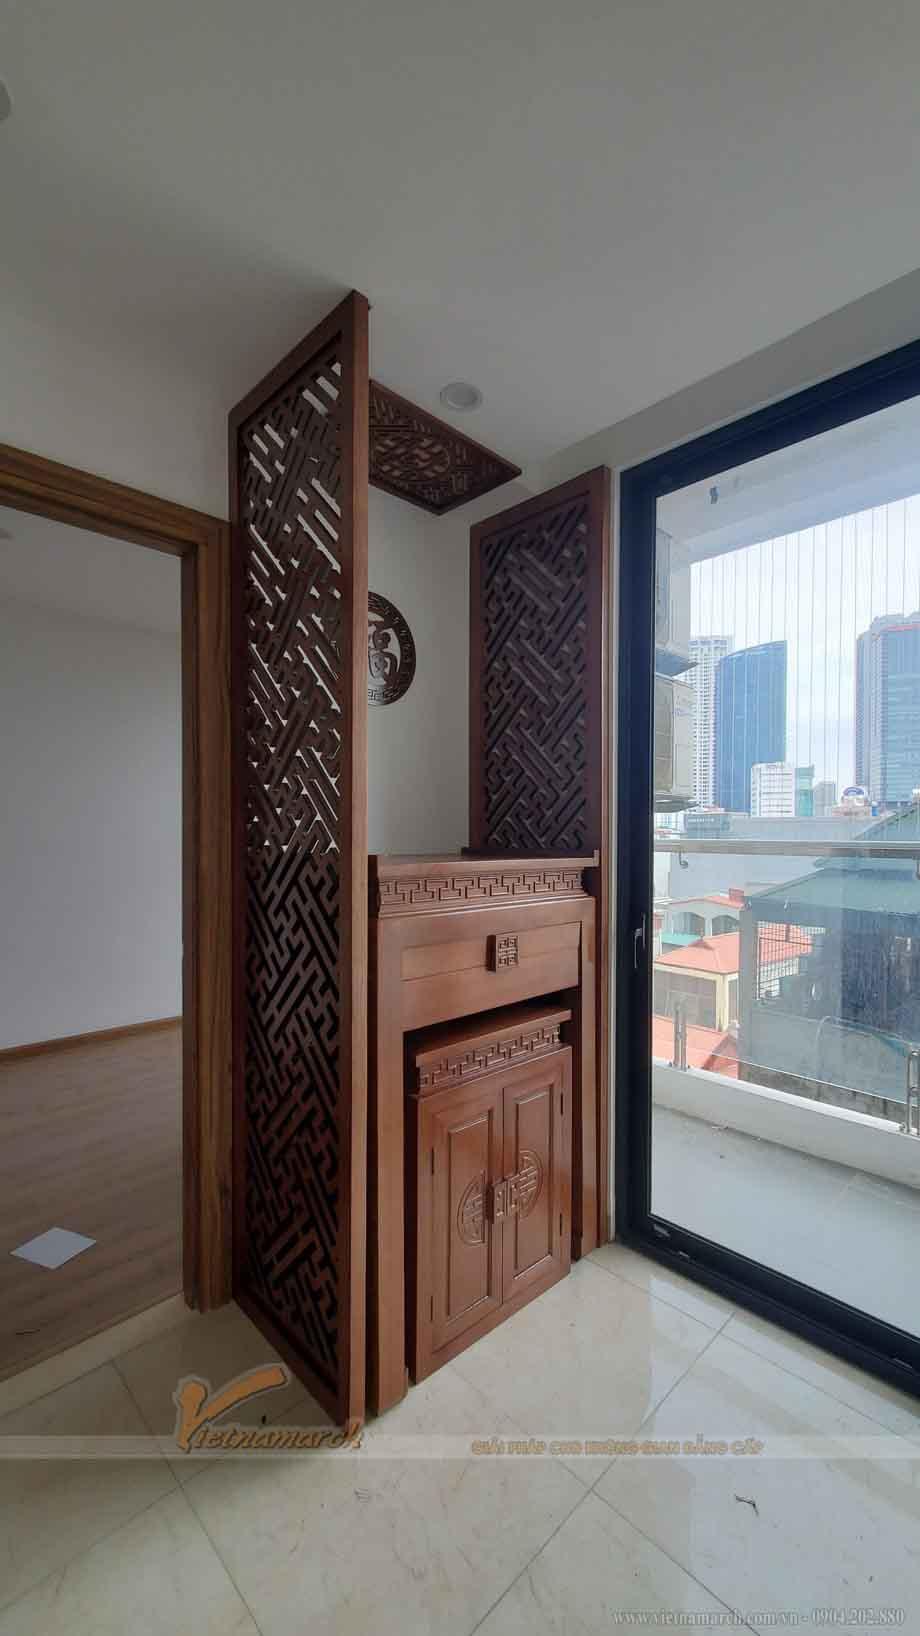 .Đánh giá tổng quan thiết kế nội thất nhà chung cư của gia đình chị Giao